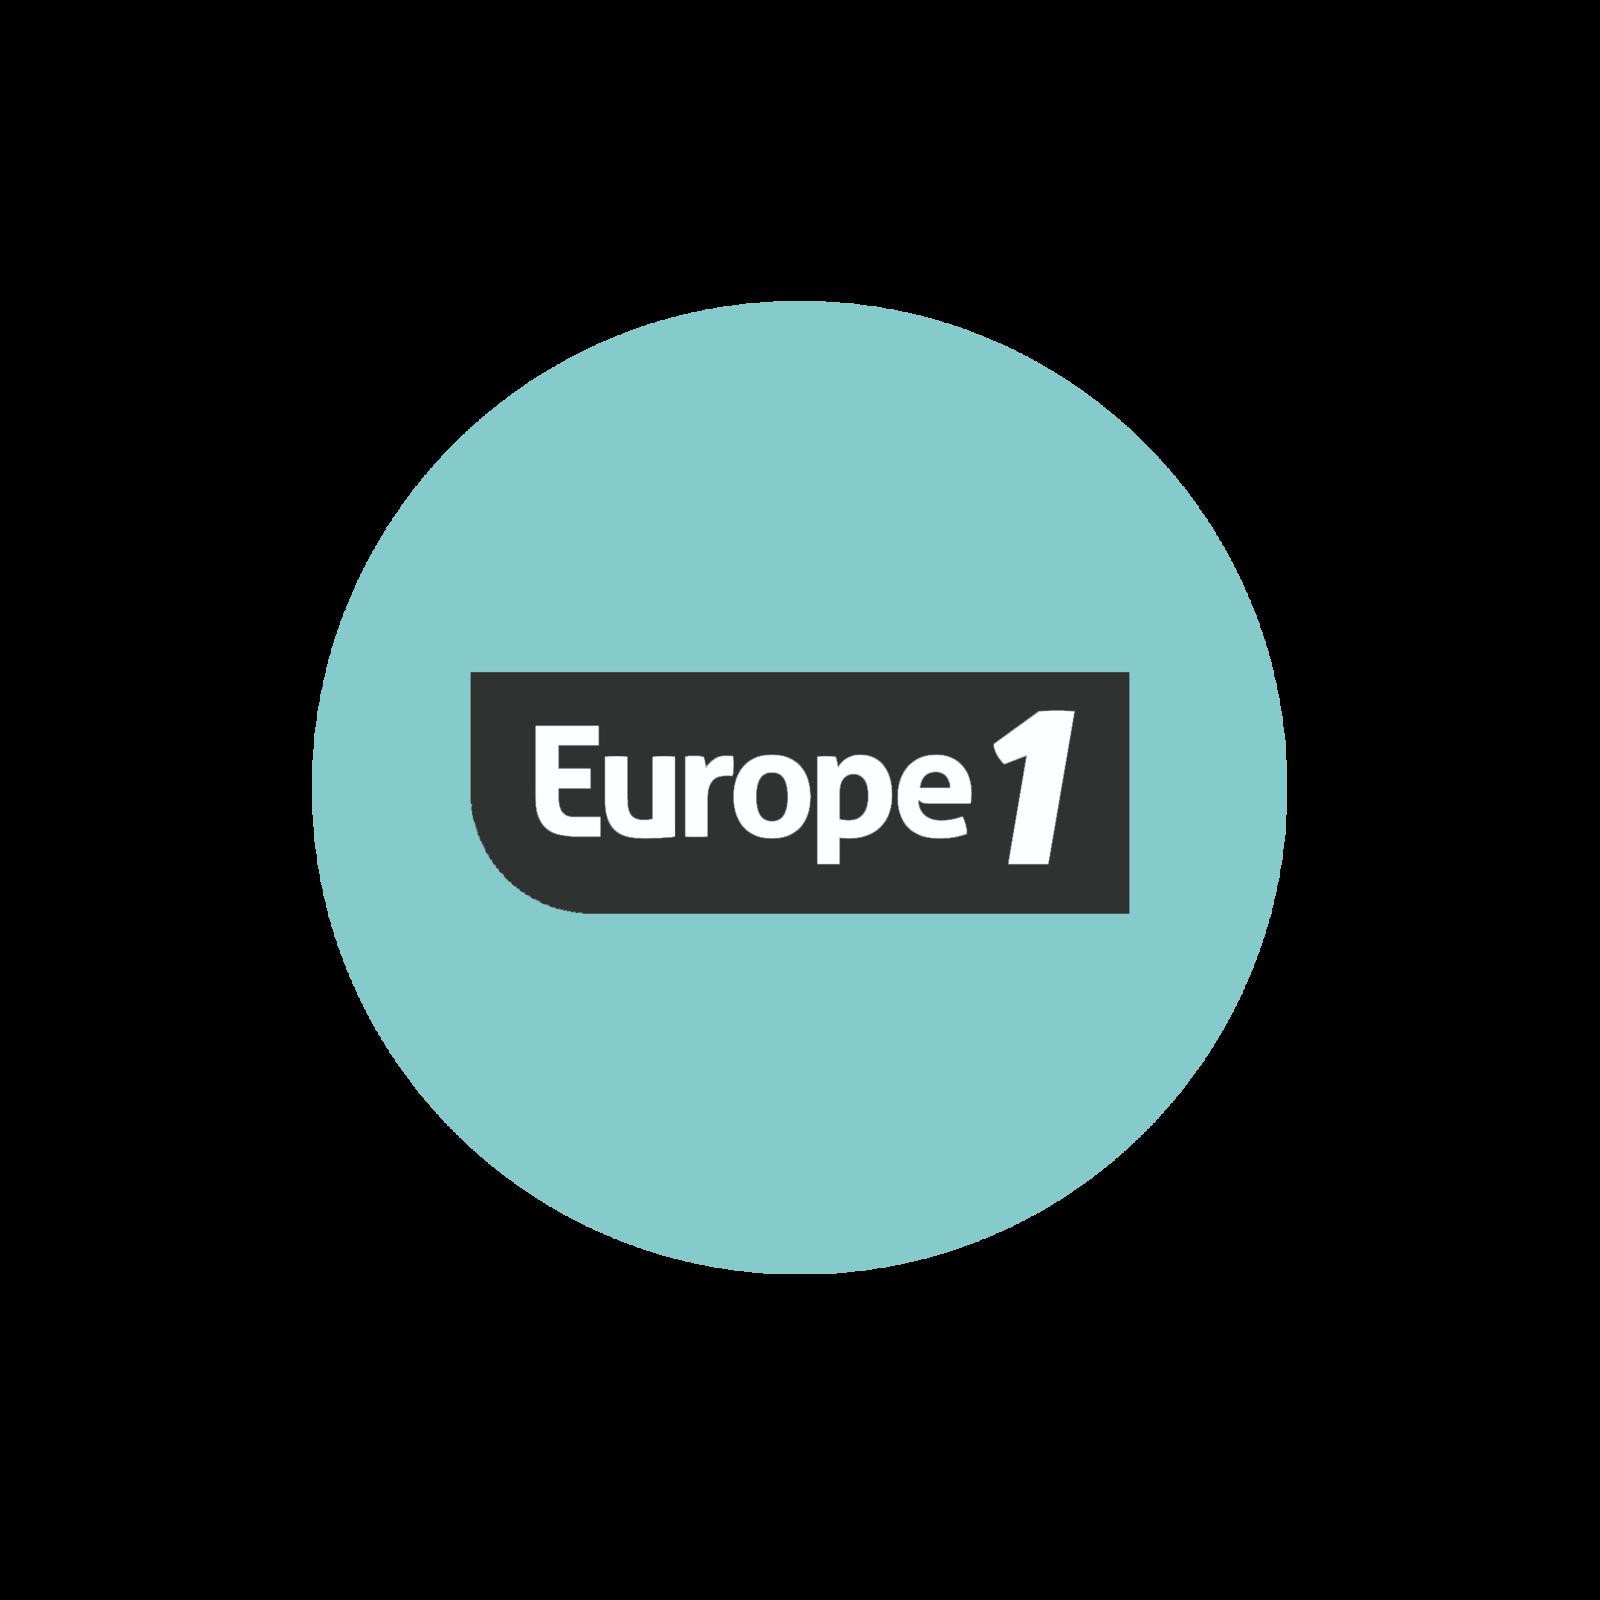 L'Affaire Vincent Lambert racontée par Christophe Hondelatte lundi et mardi sur Europe 1.